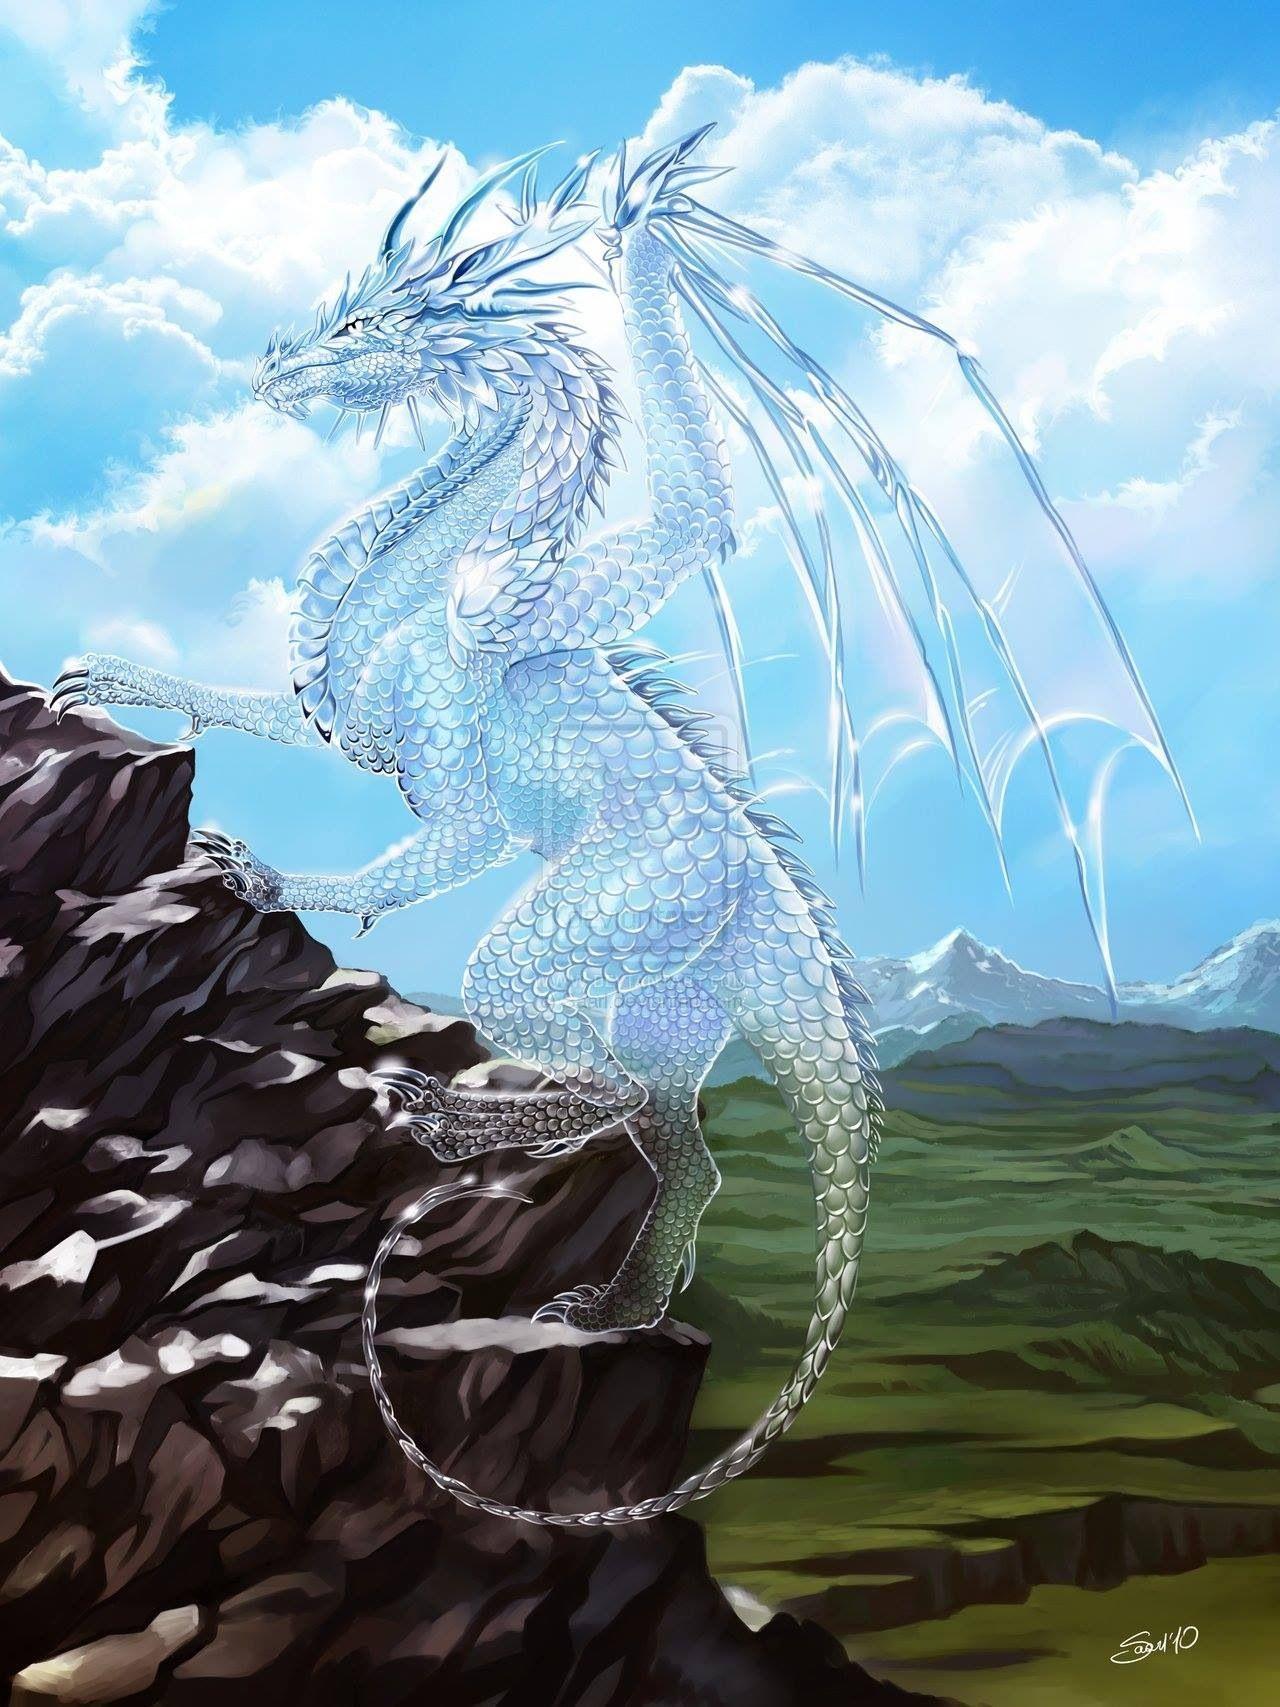 Dragón invisible | Dragones mitologicos, Dragones, Criaturas ...